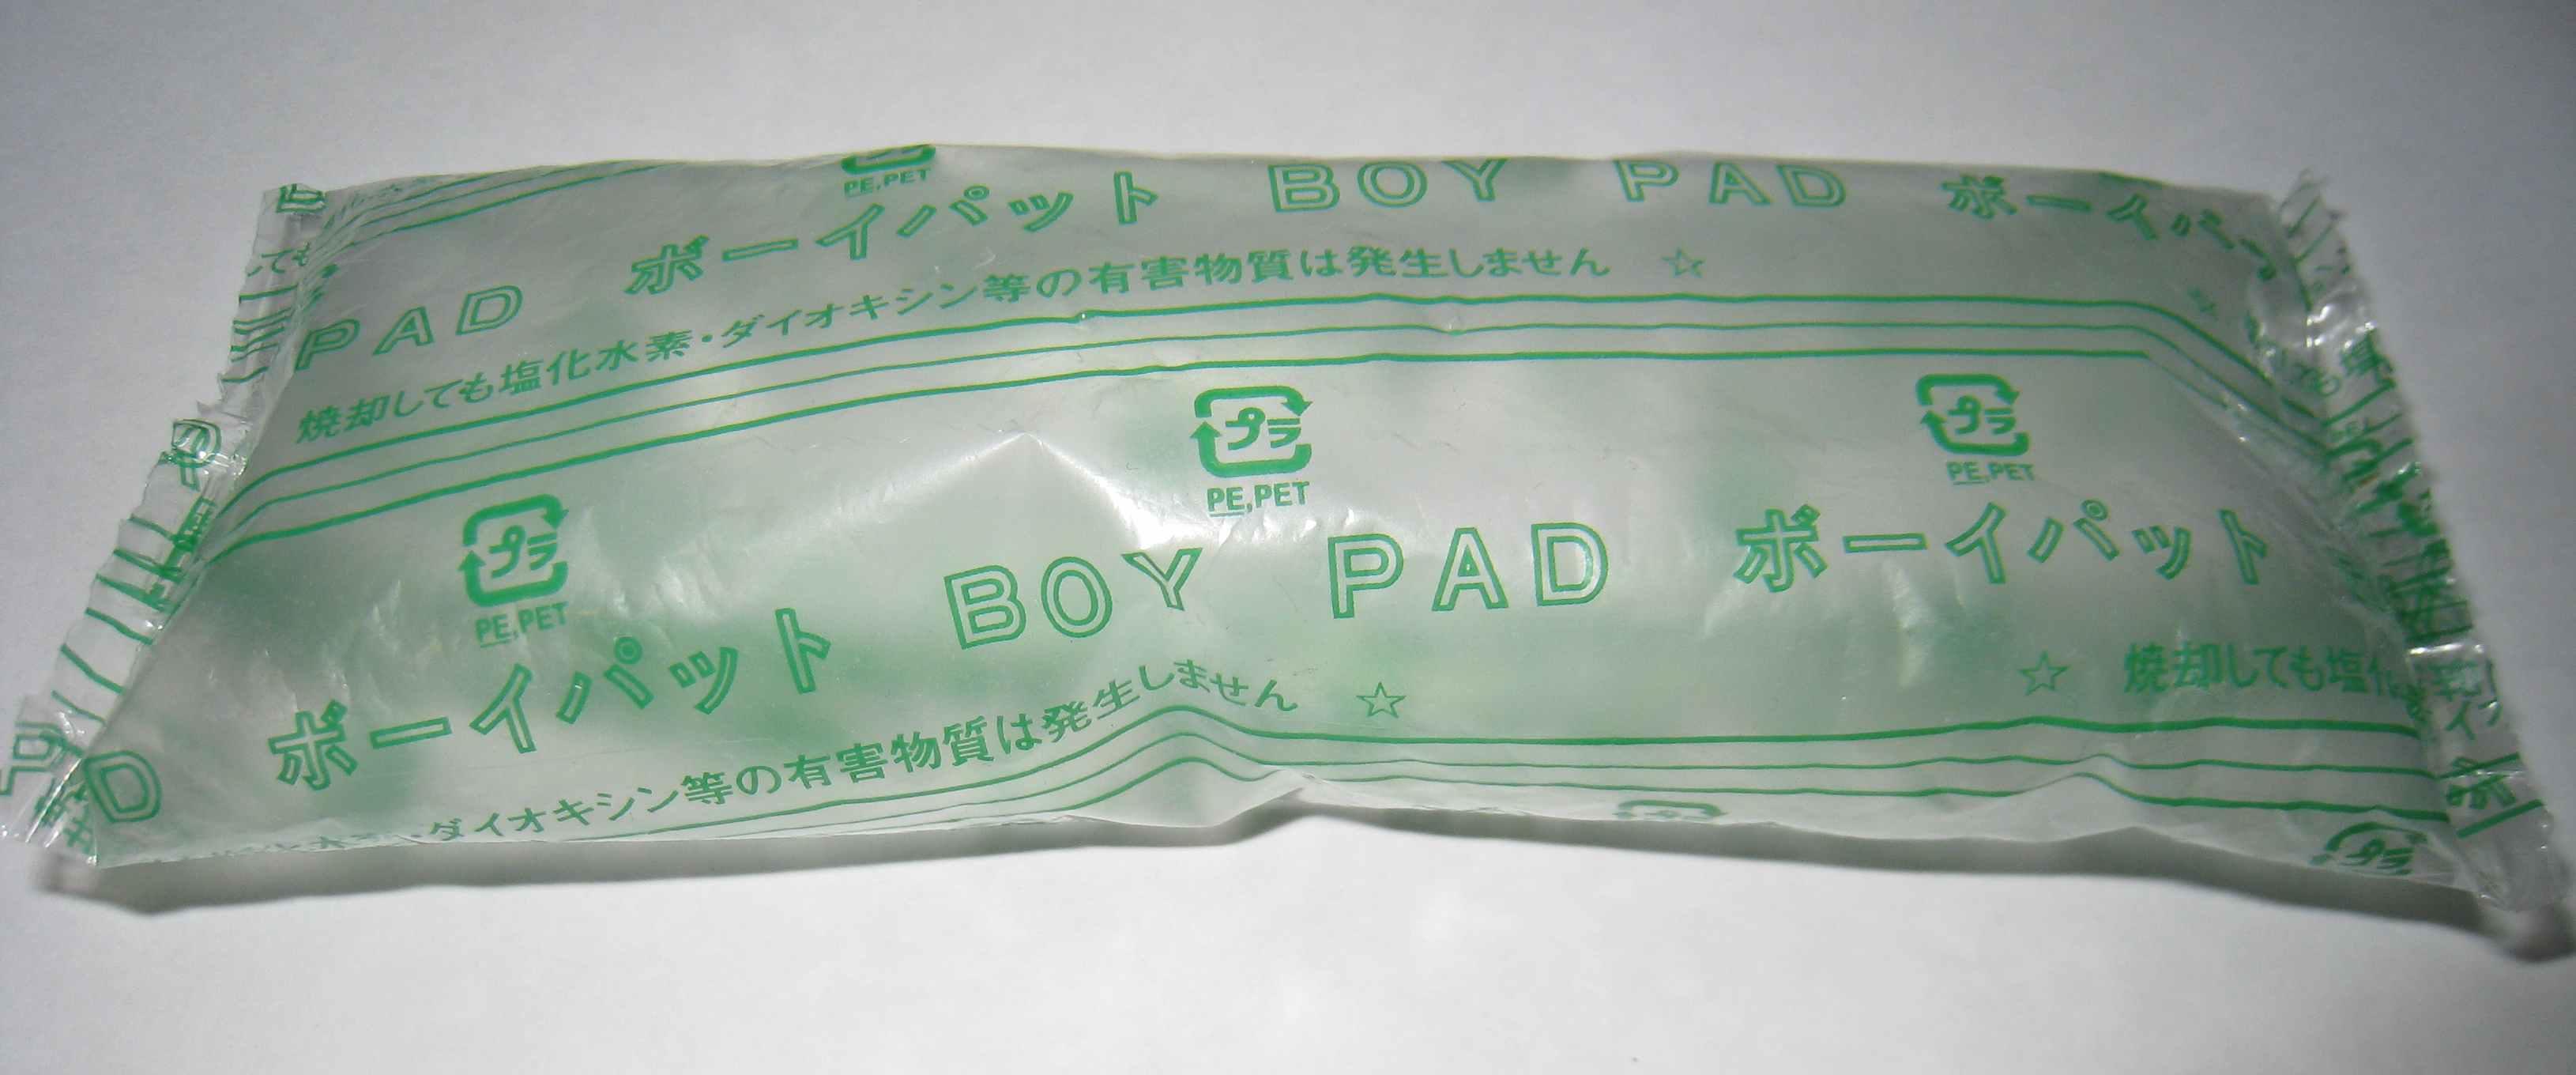 Boy Pad